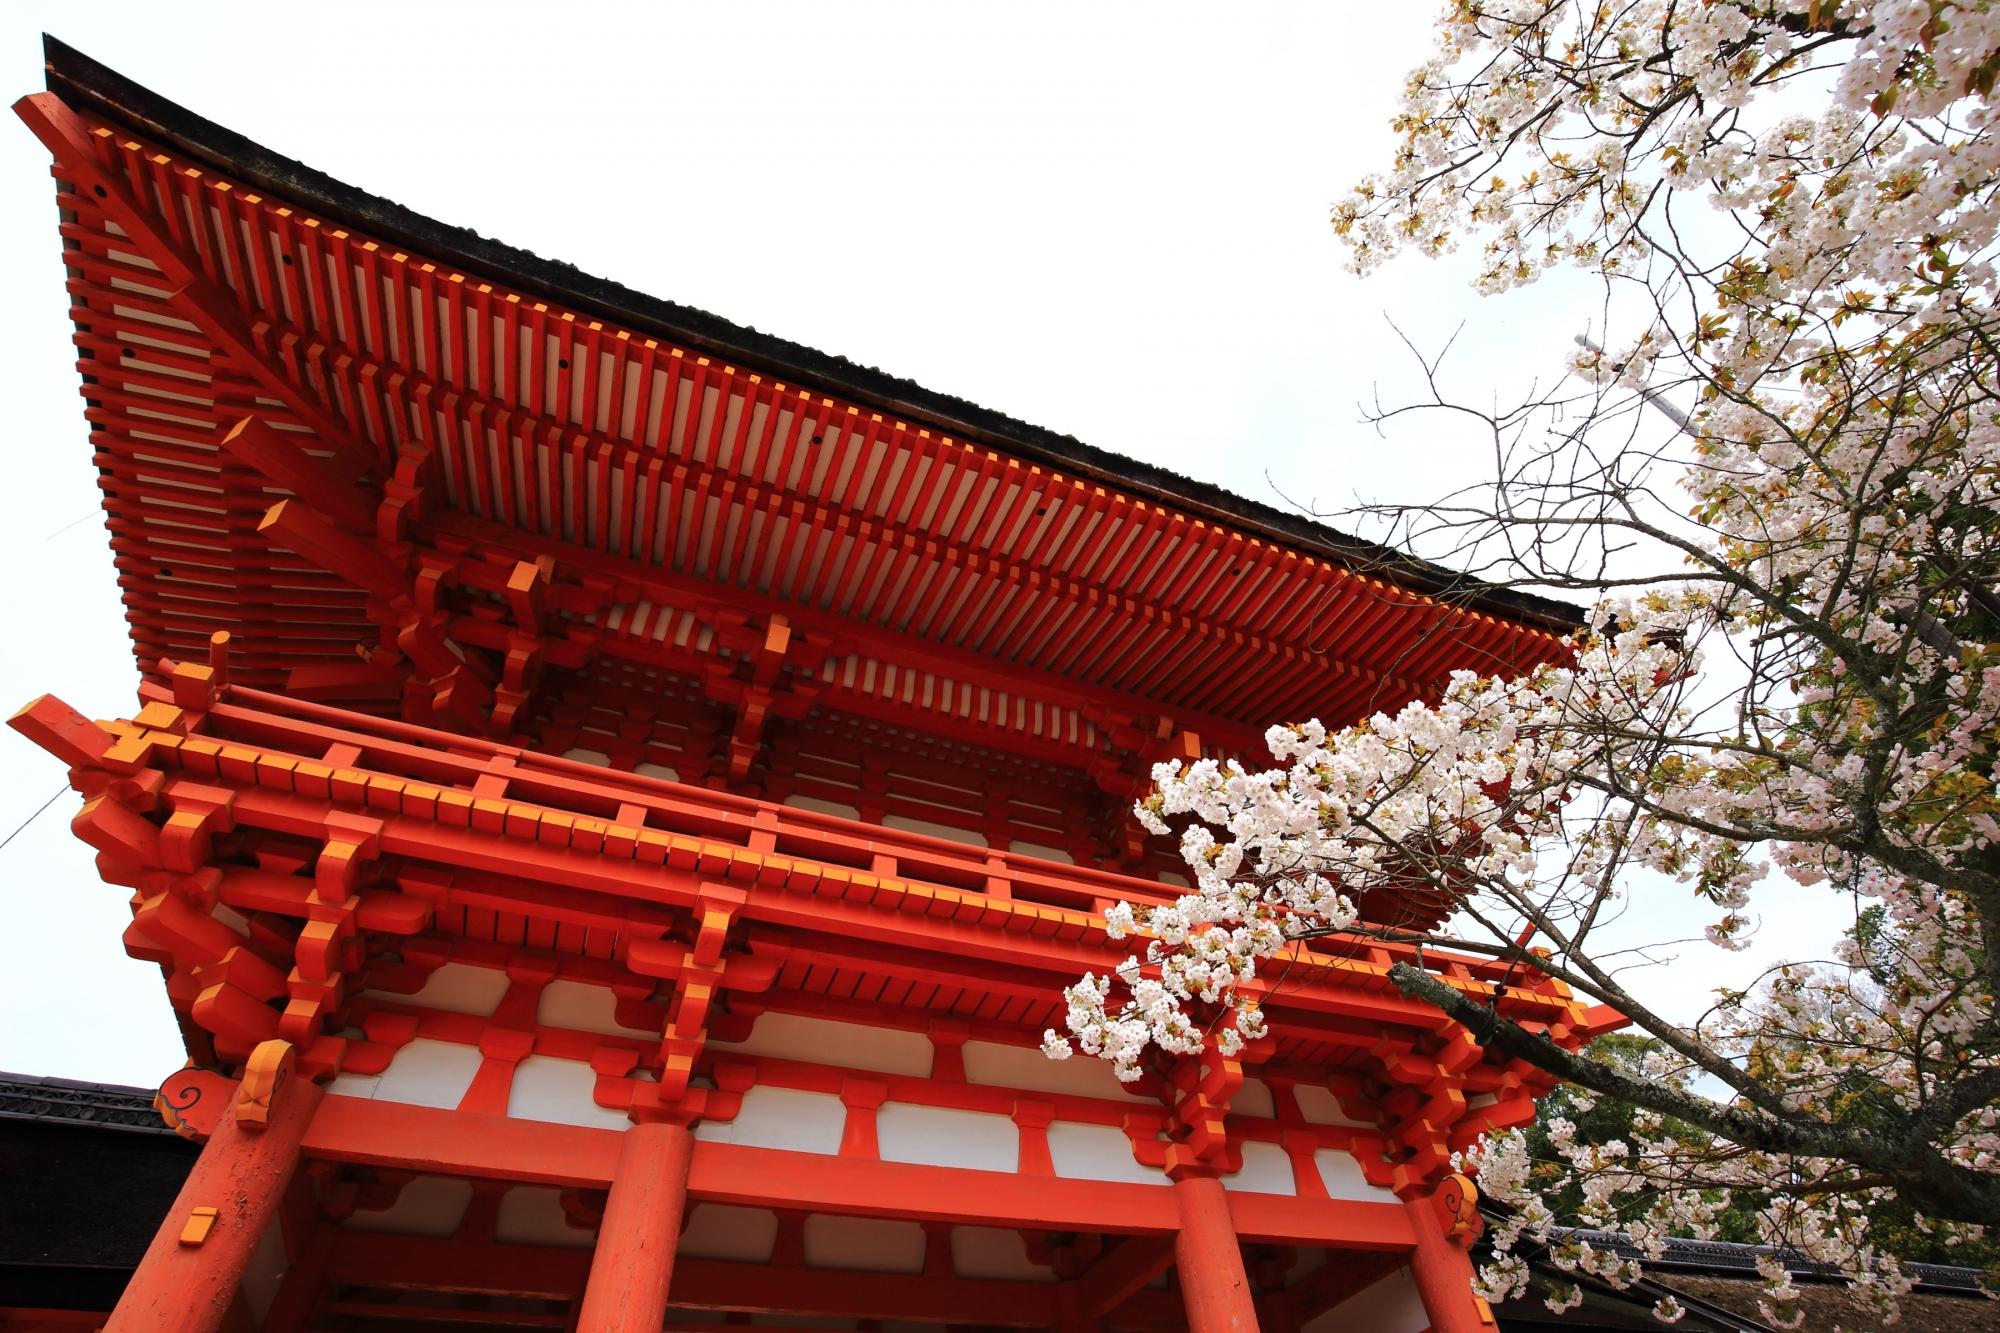 赤い楼門に映える白い賀茂桜